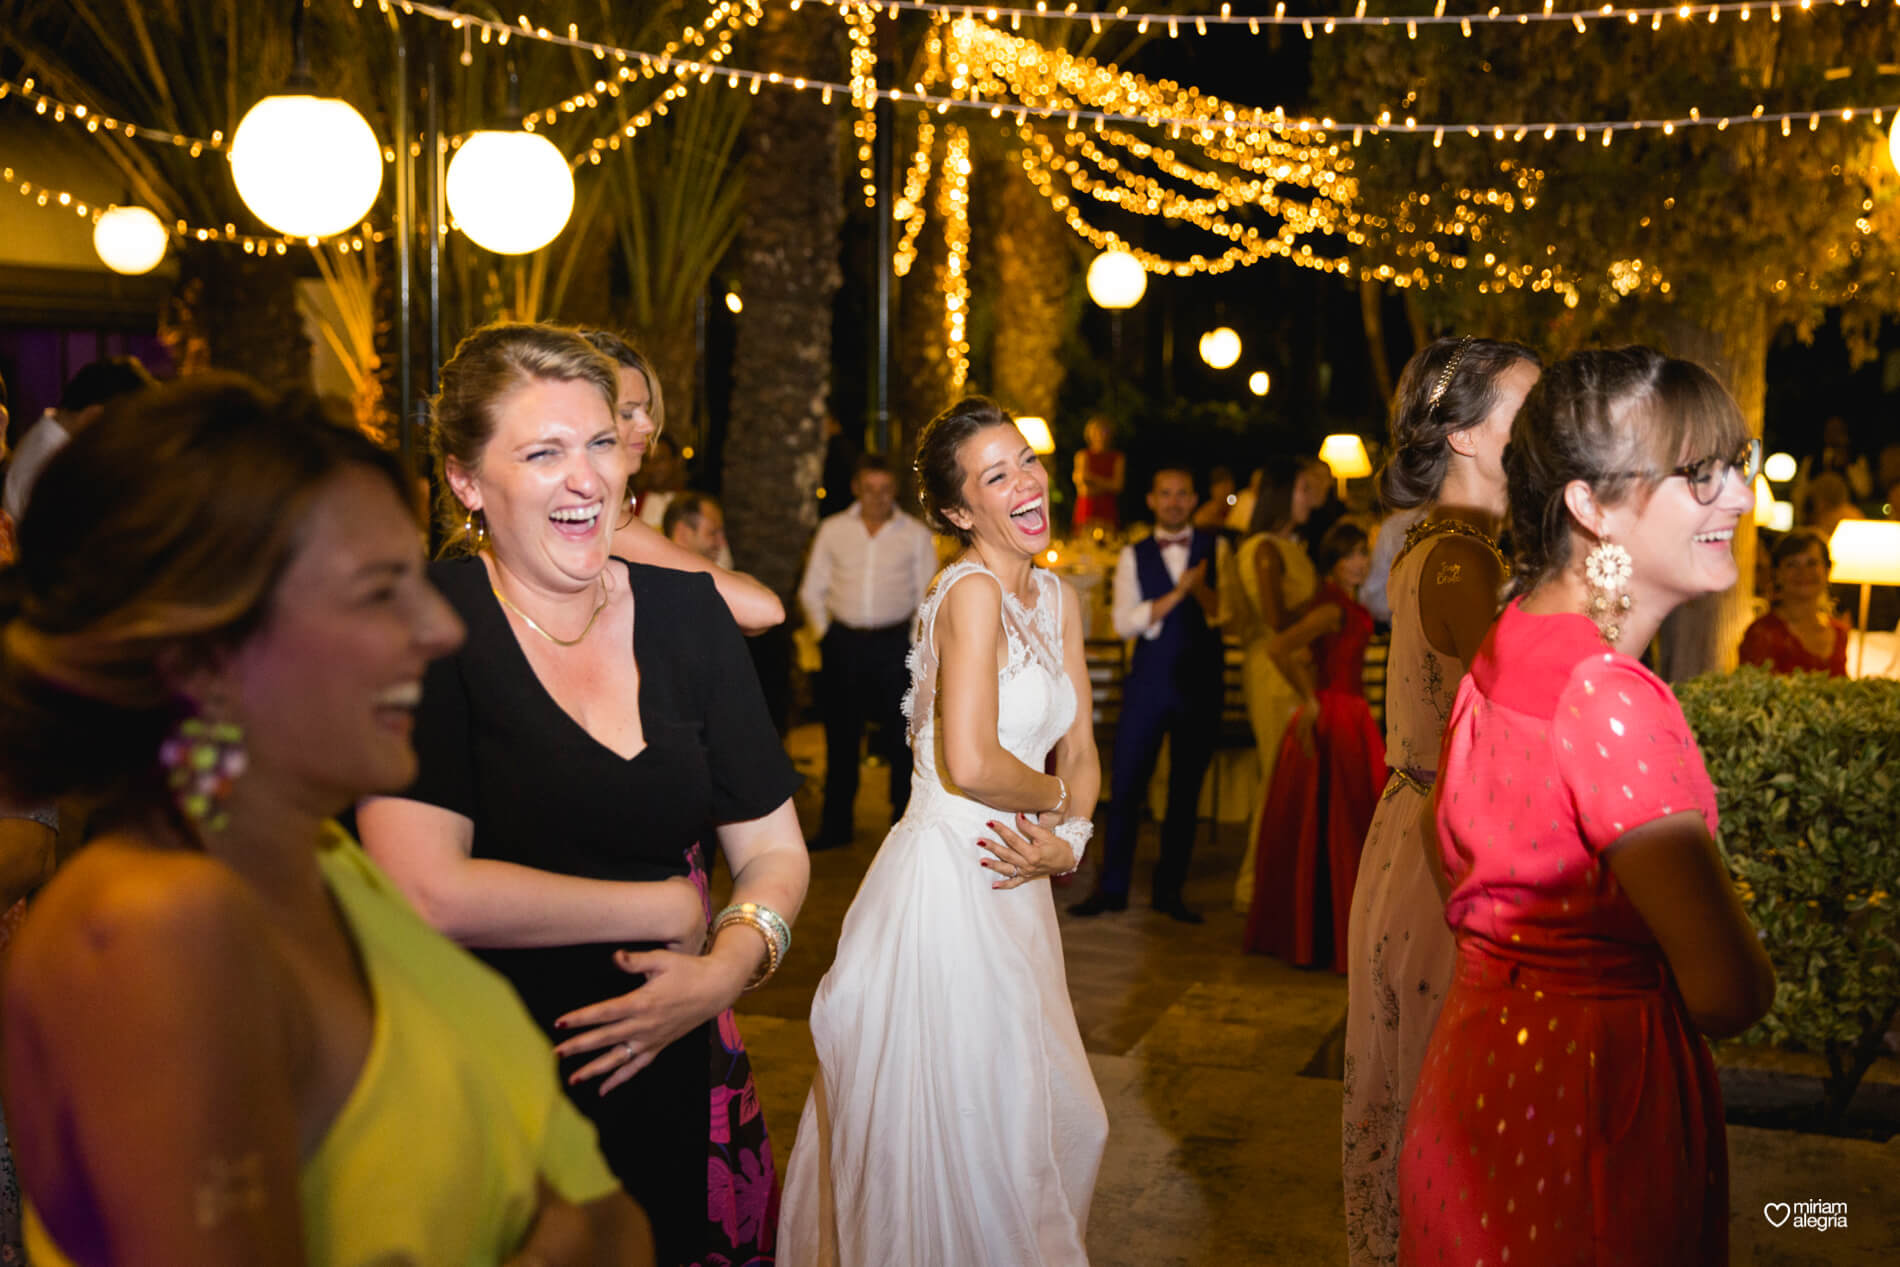 wedding-huerto-del-cura-elche-miriam-alegria-fotografos-boda-102